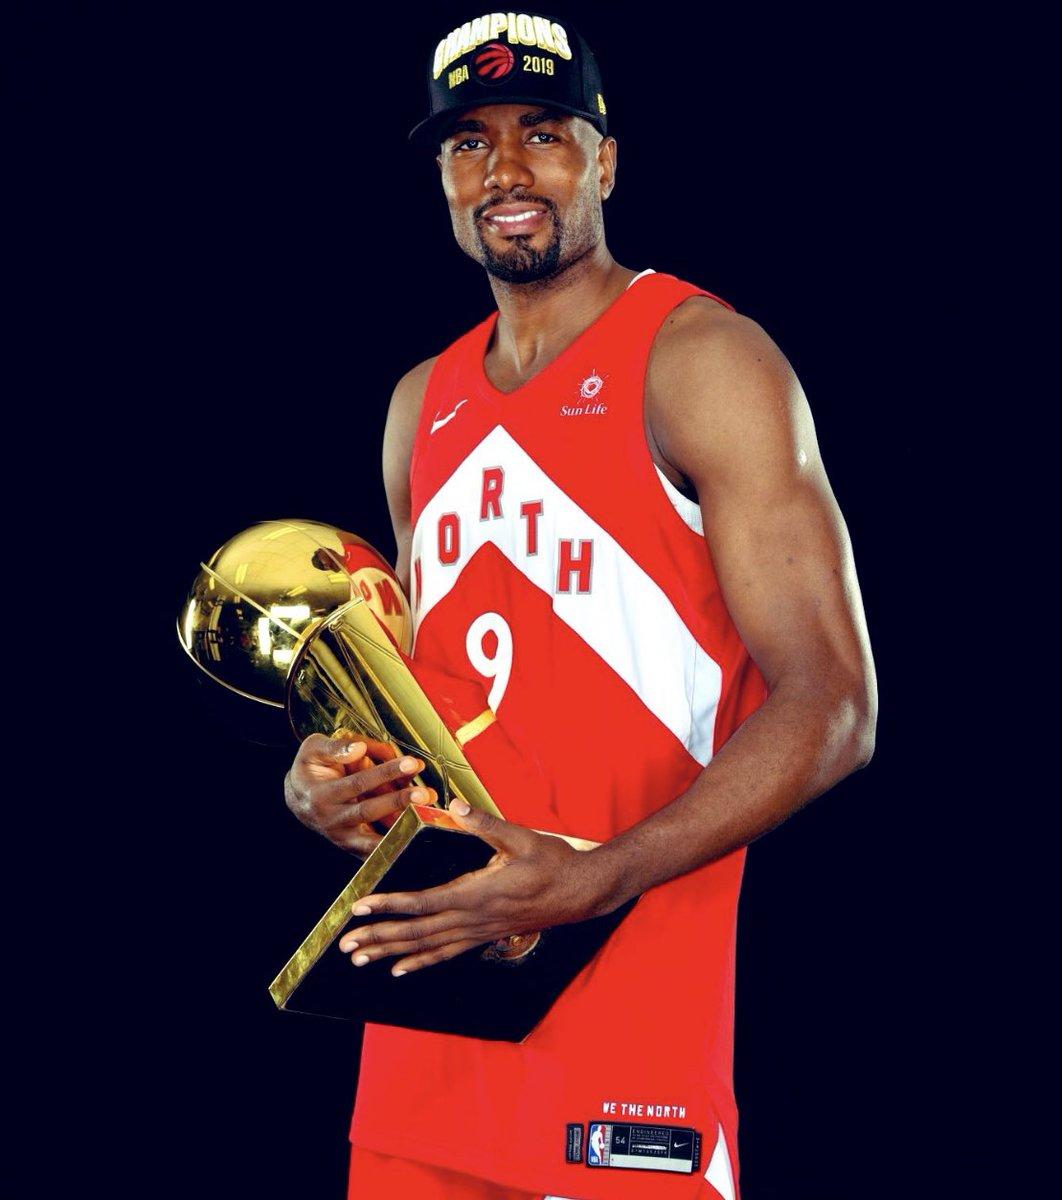 """Résultat de recherche d'images pour """"serge ibaka nba champion"""""""